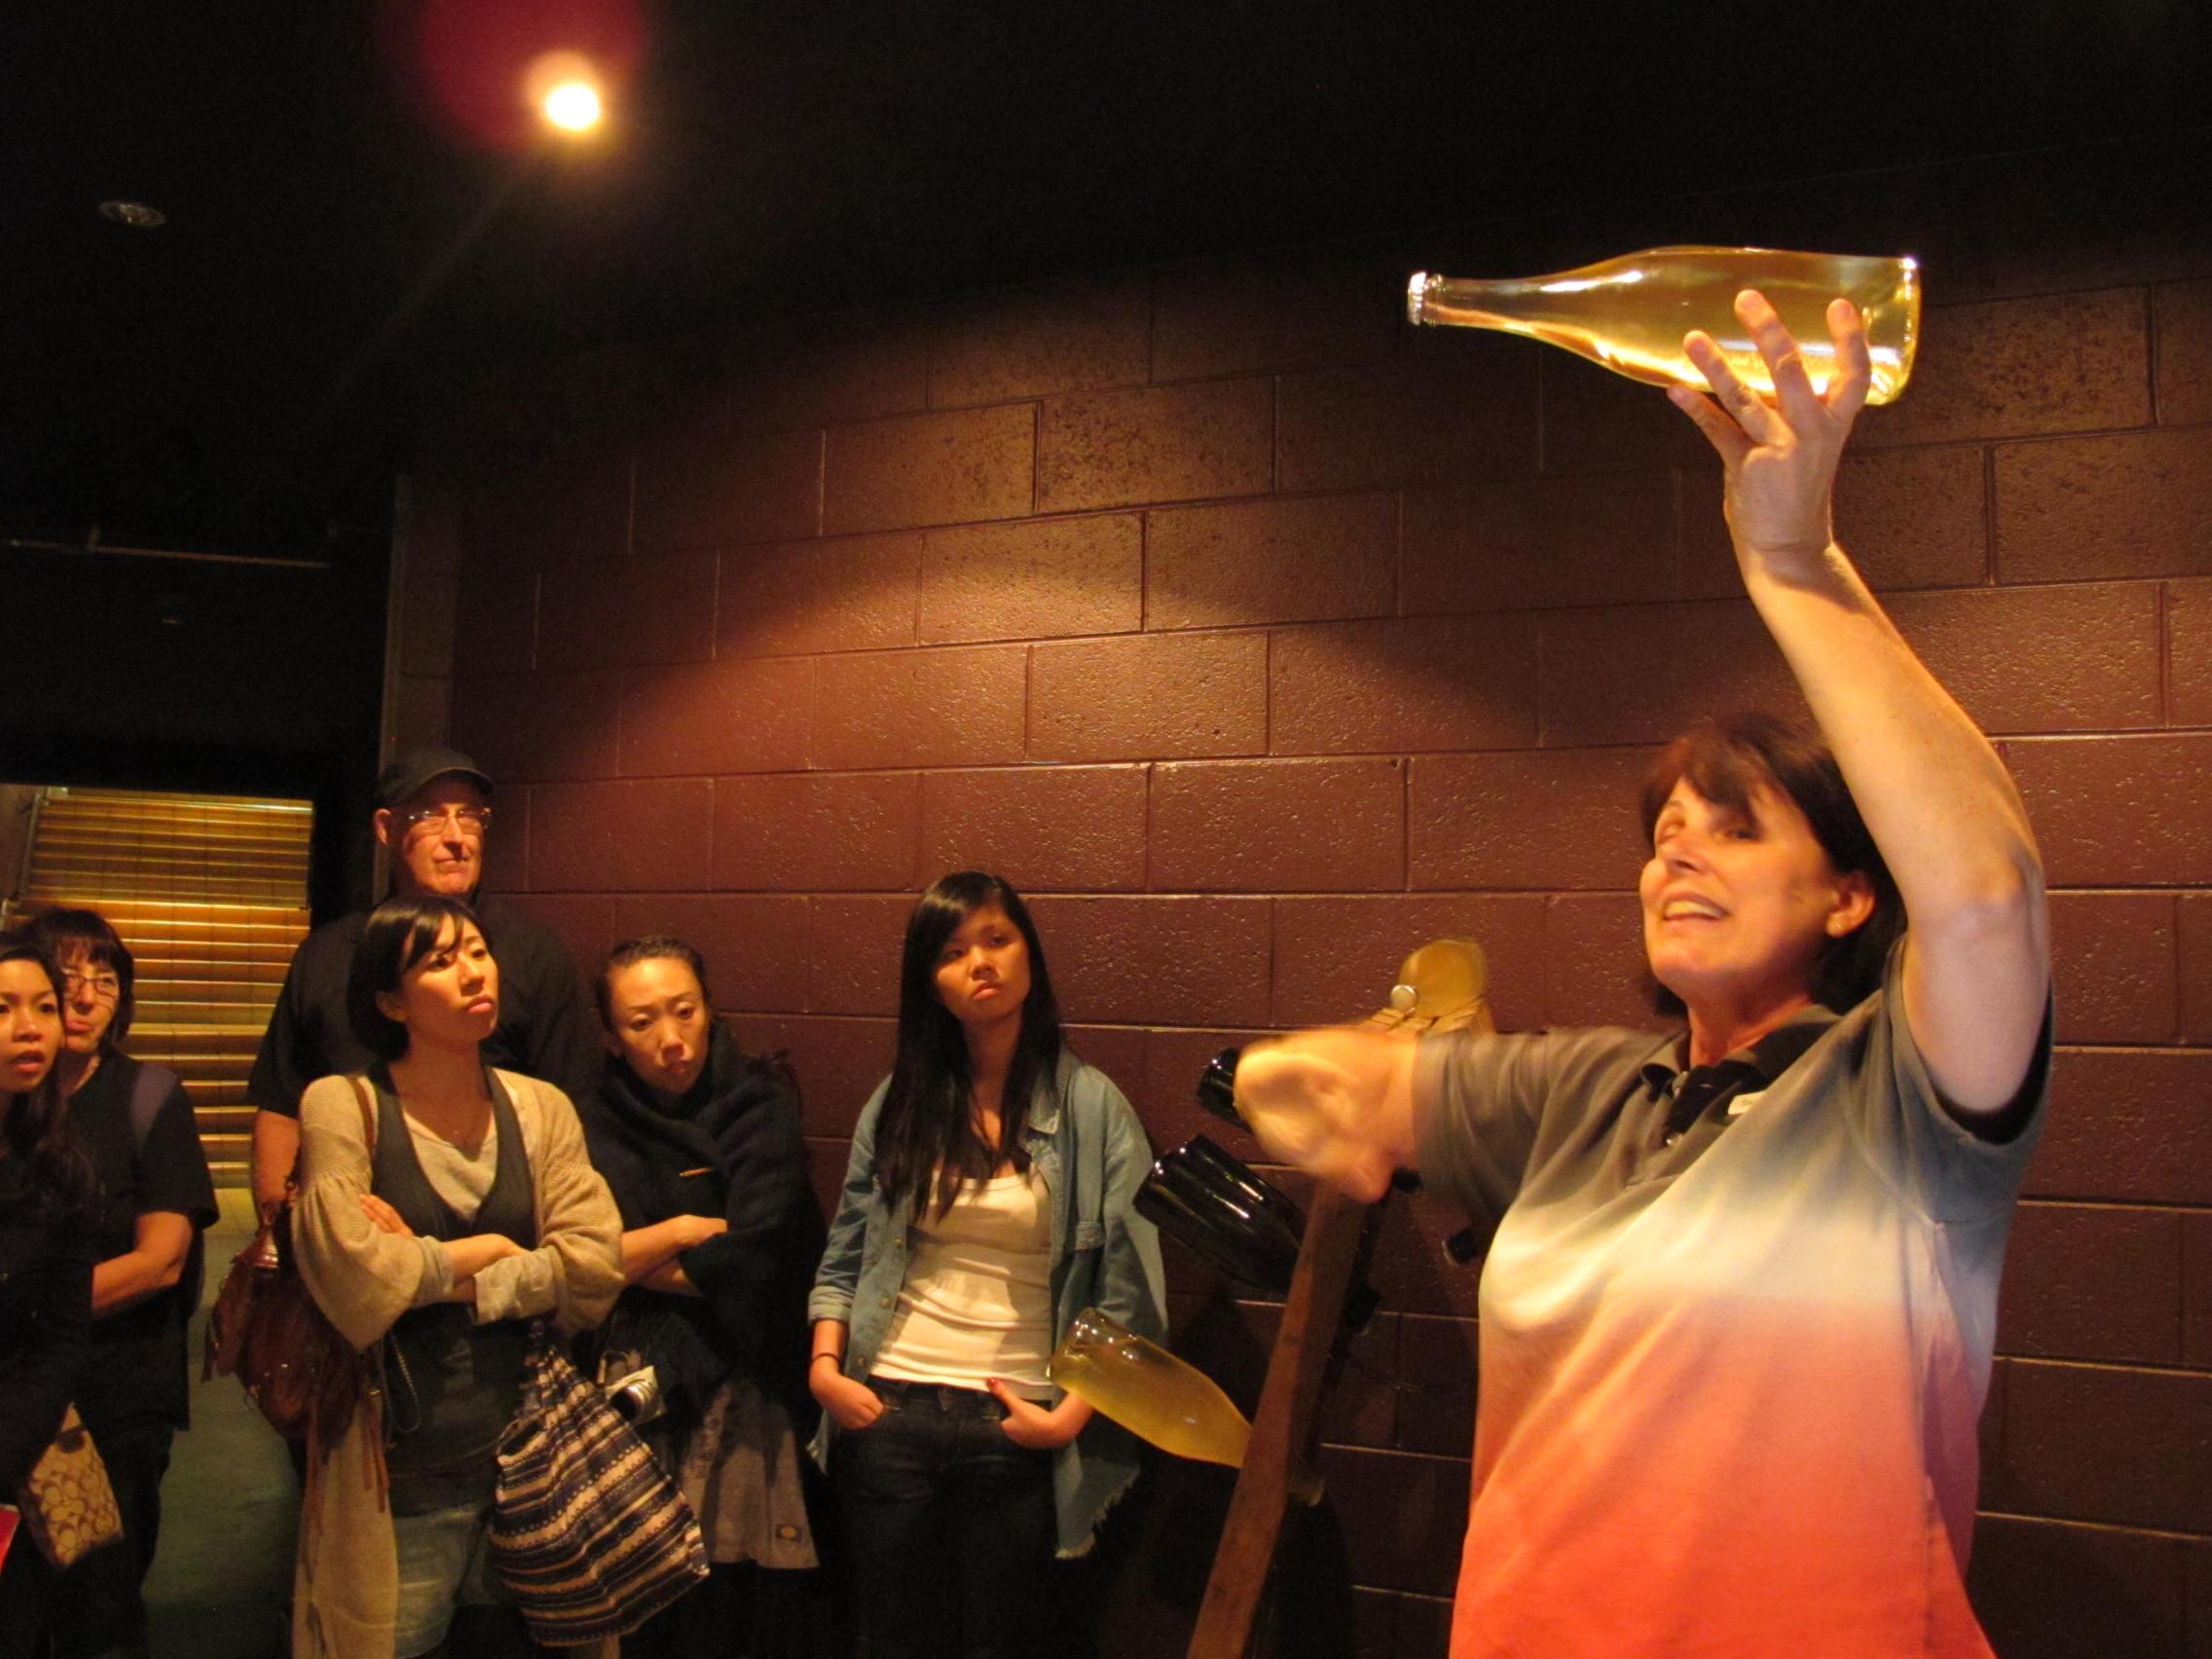 スパークリングワインがどのように発明されたか聞きましょう